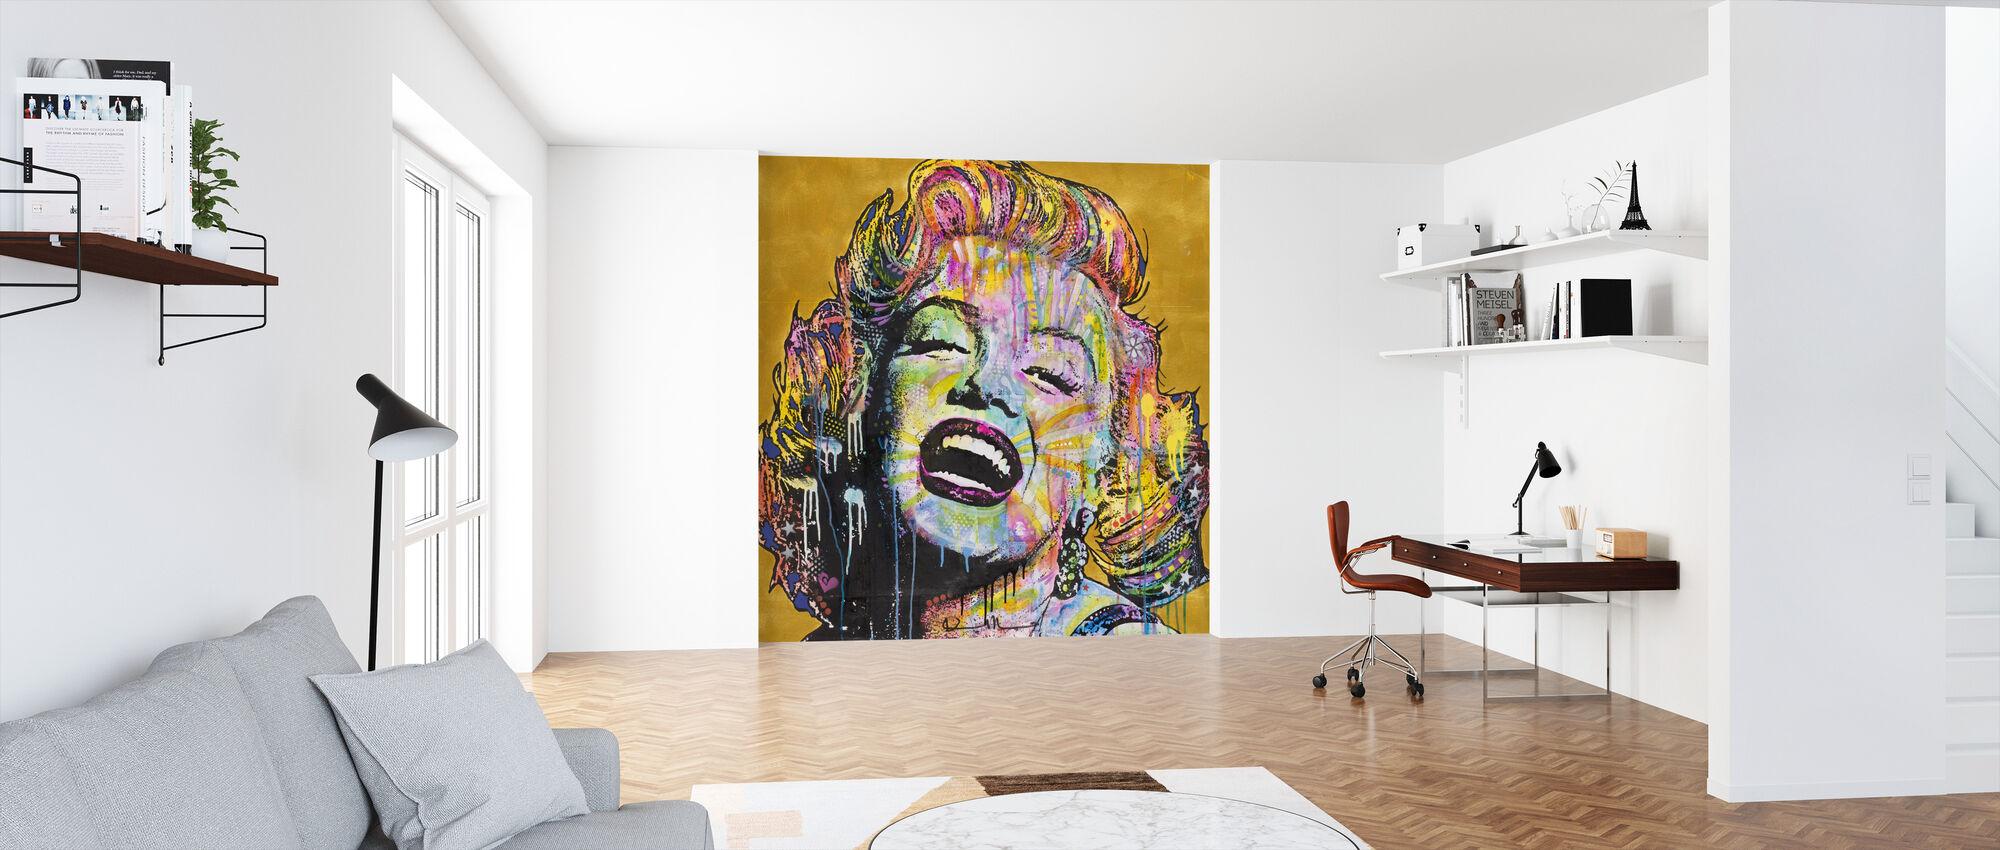 Marilyn Multicolor - Wallpaper - Office